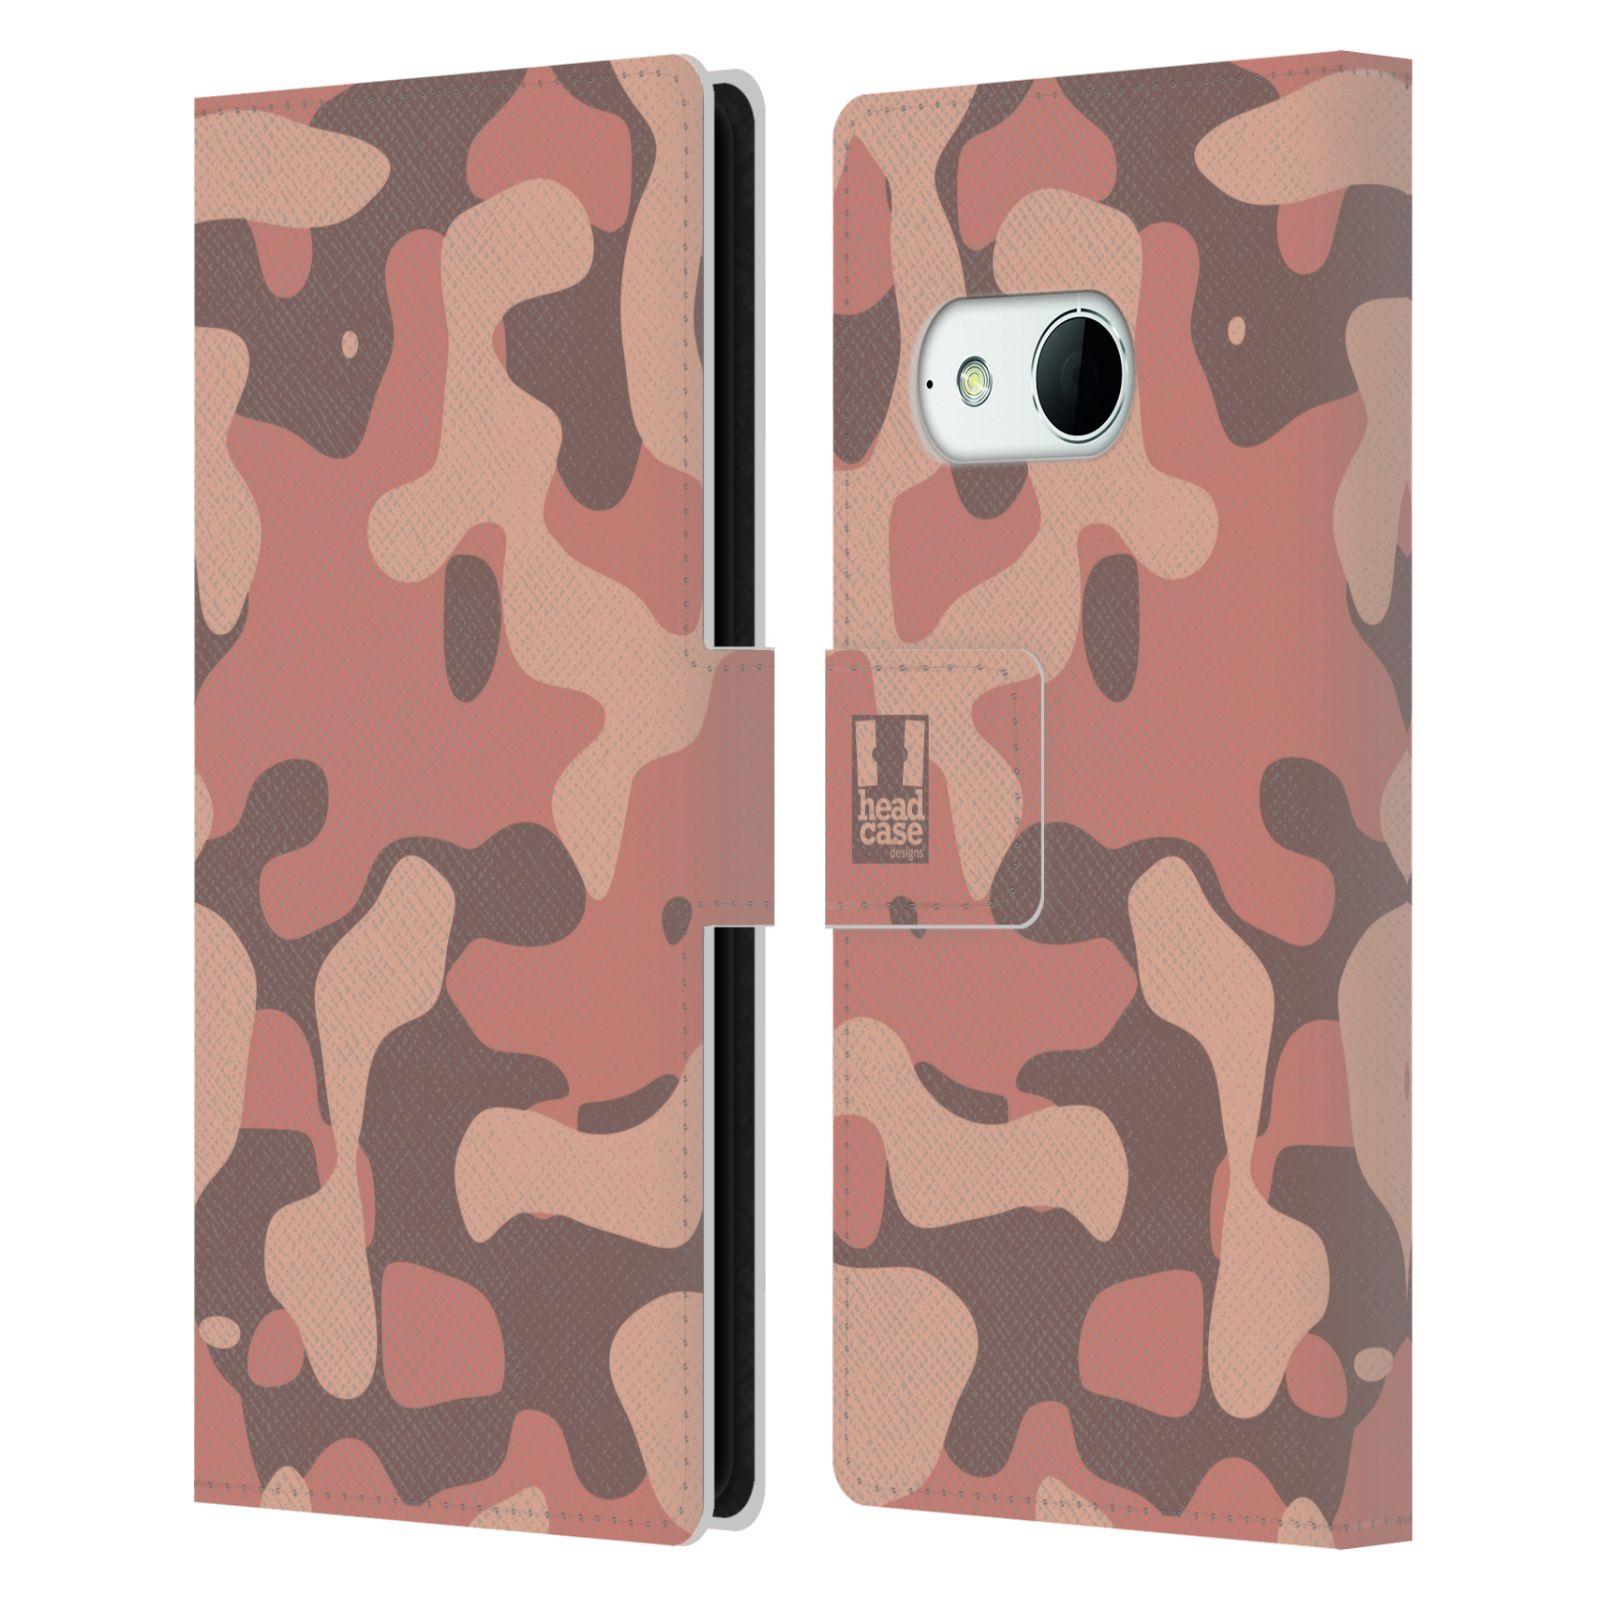 HEAD CASE Flipové pouzdro pro mobil HTC ONE MINI 2 (M8) lehká barevná kamufláž růžová, losos